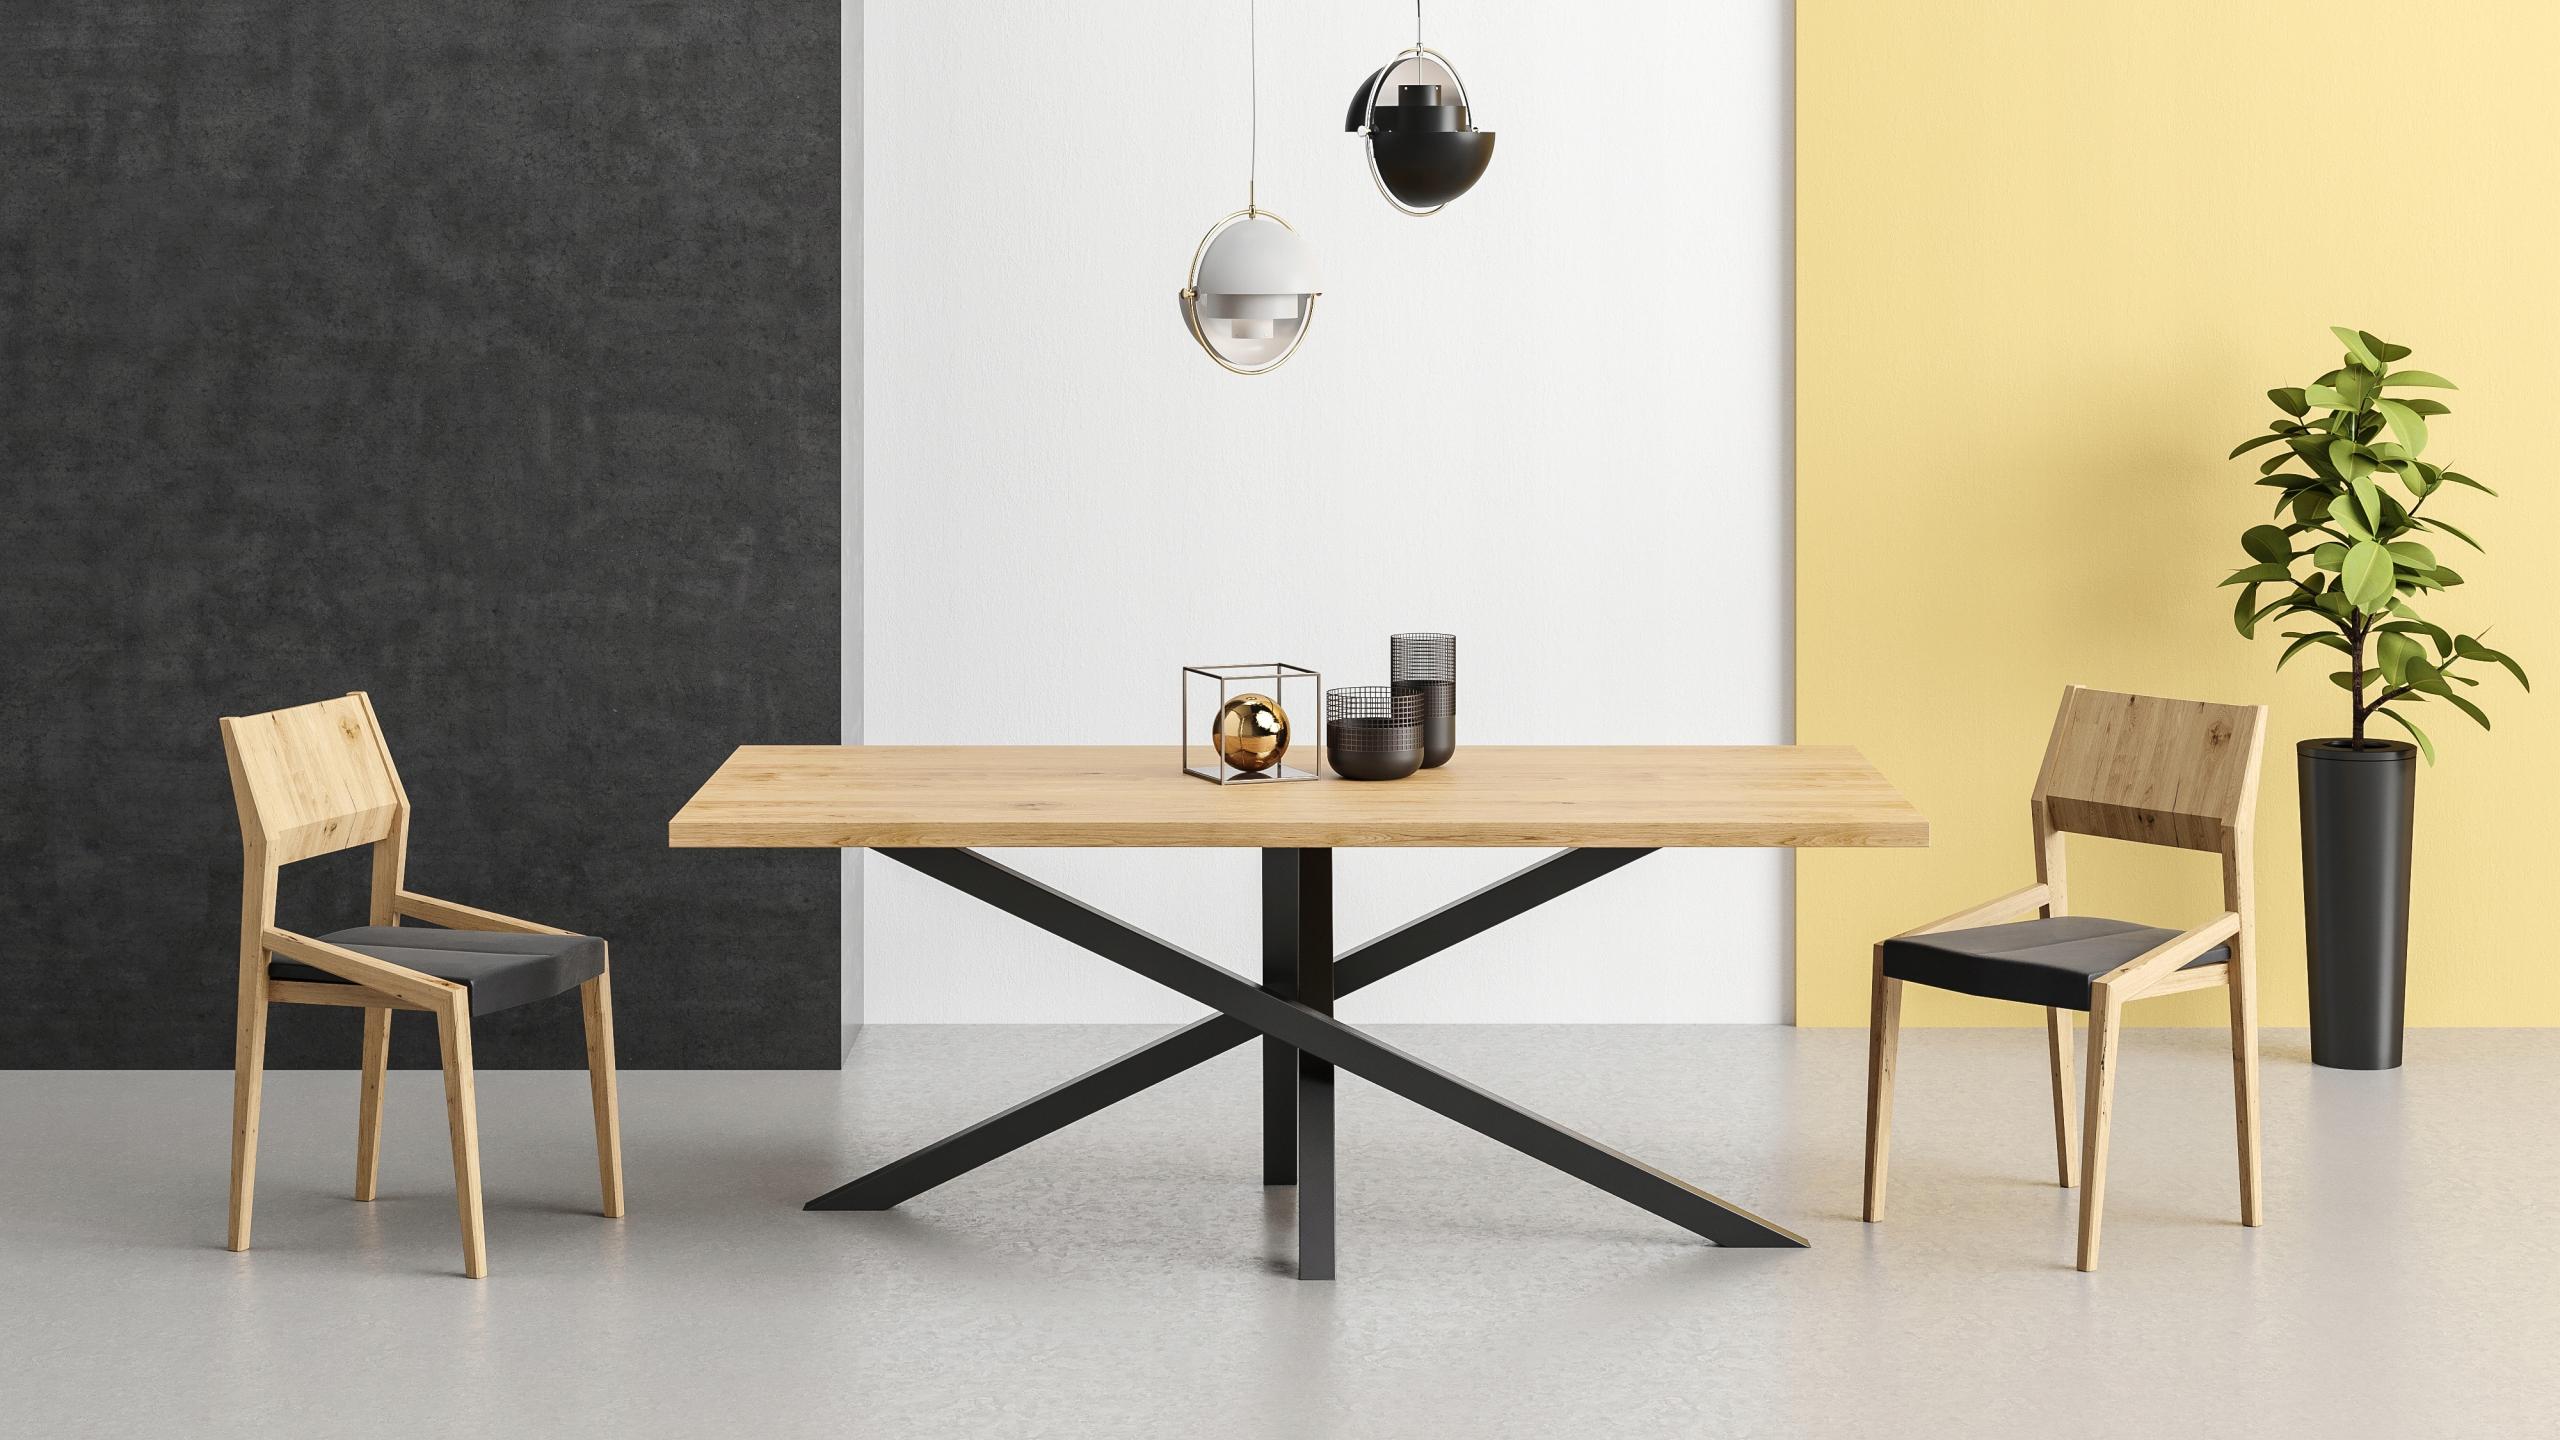 Stôl SLANT 100x120 RETRO LOFT do obývacej izby do jedálne